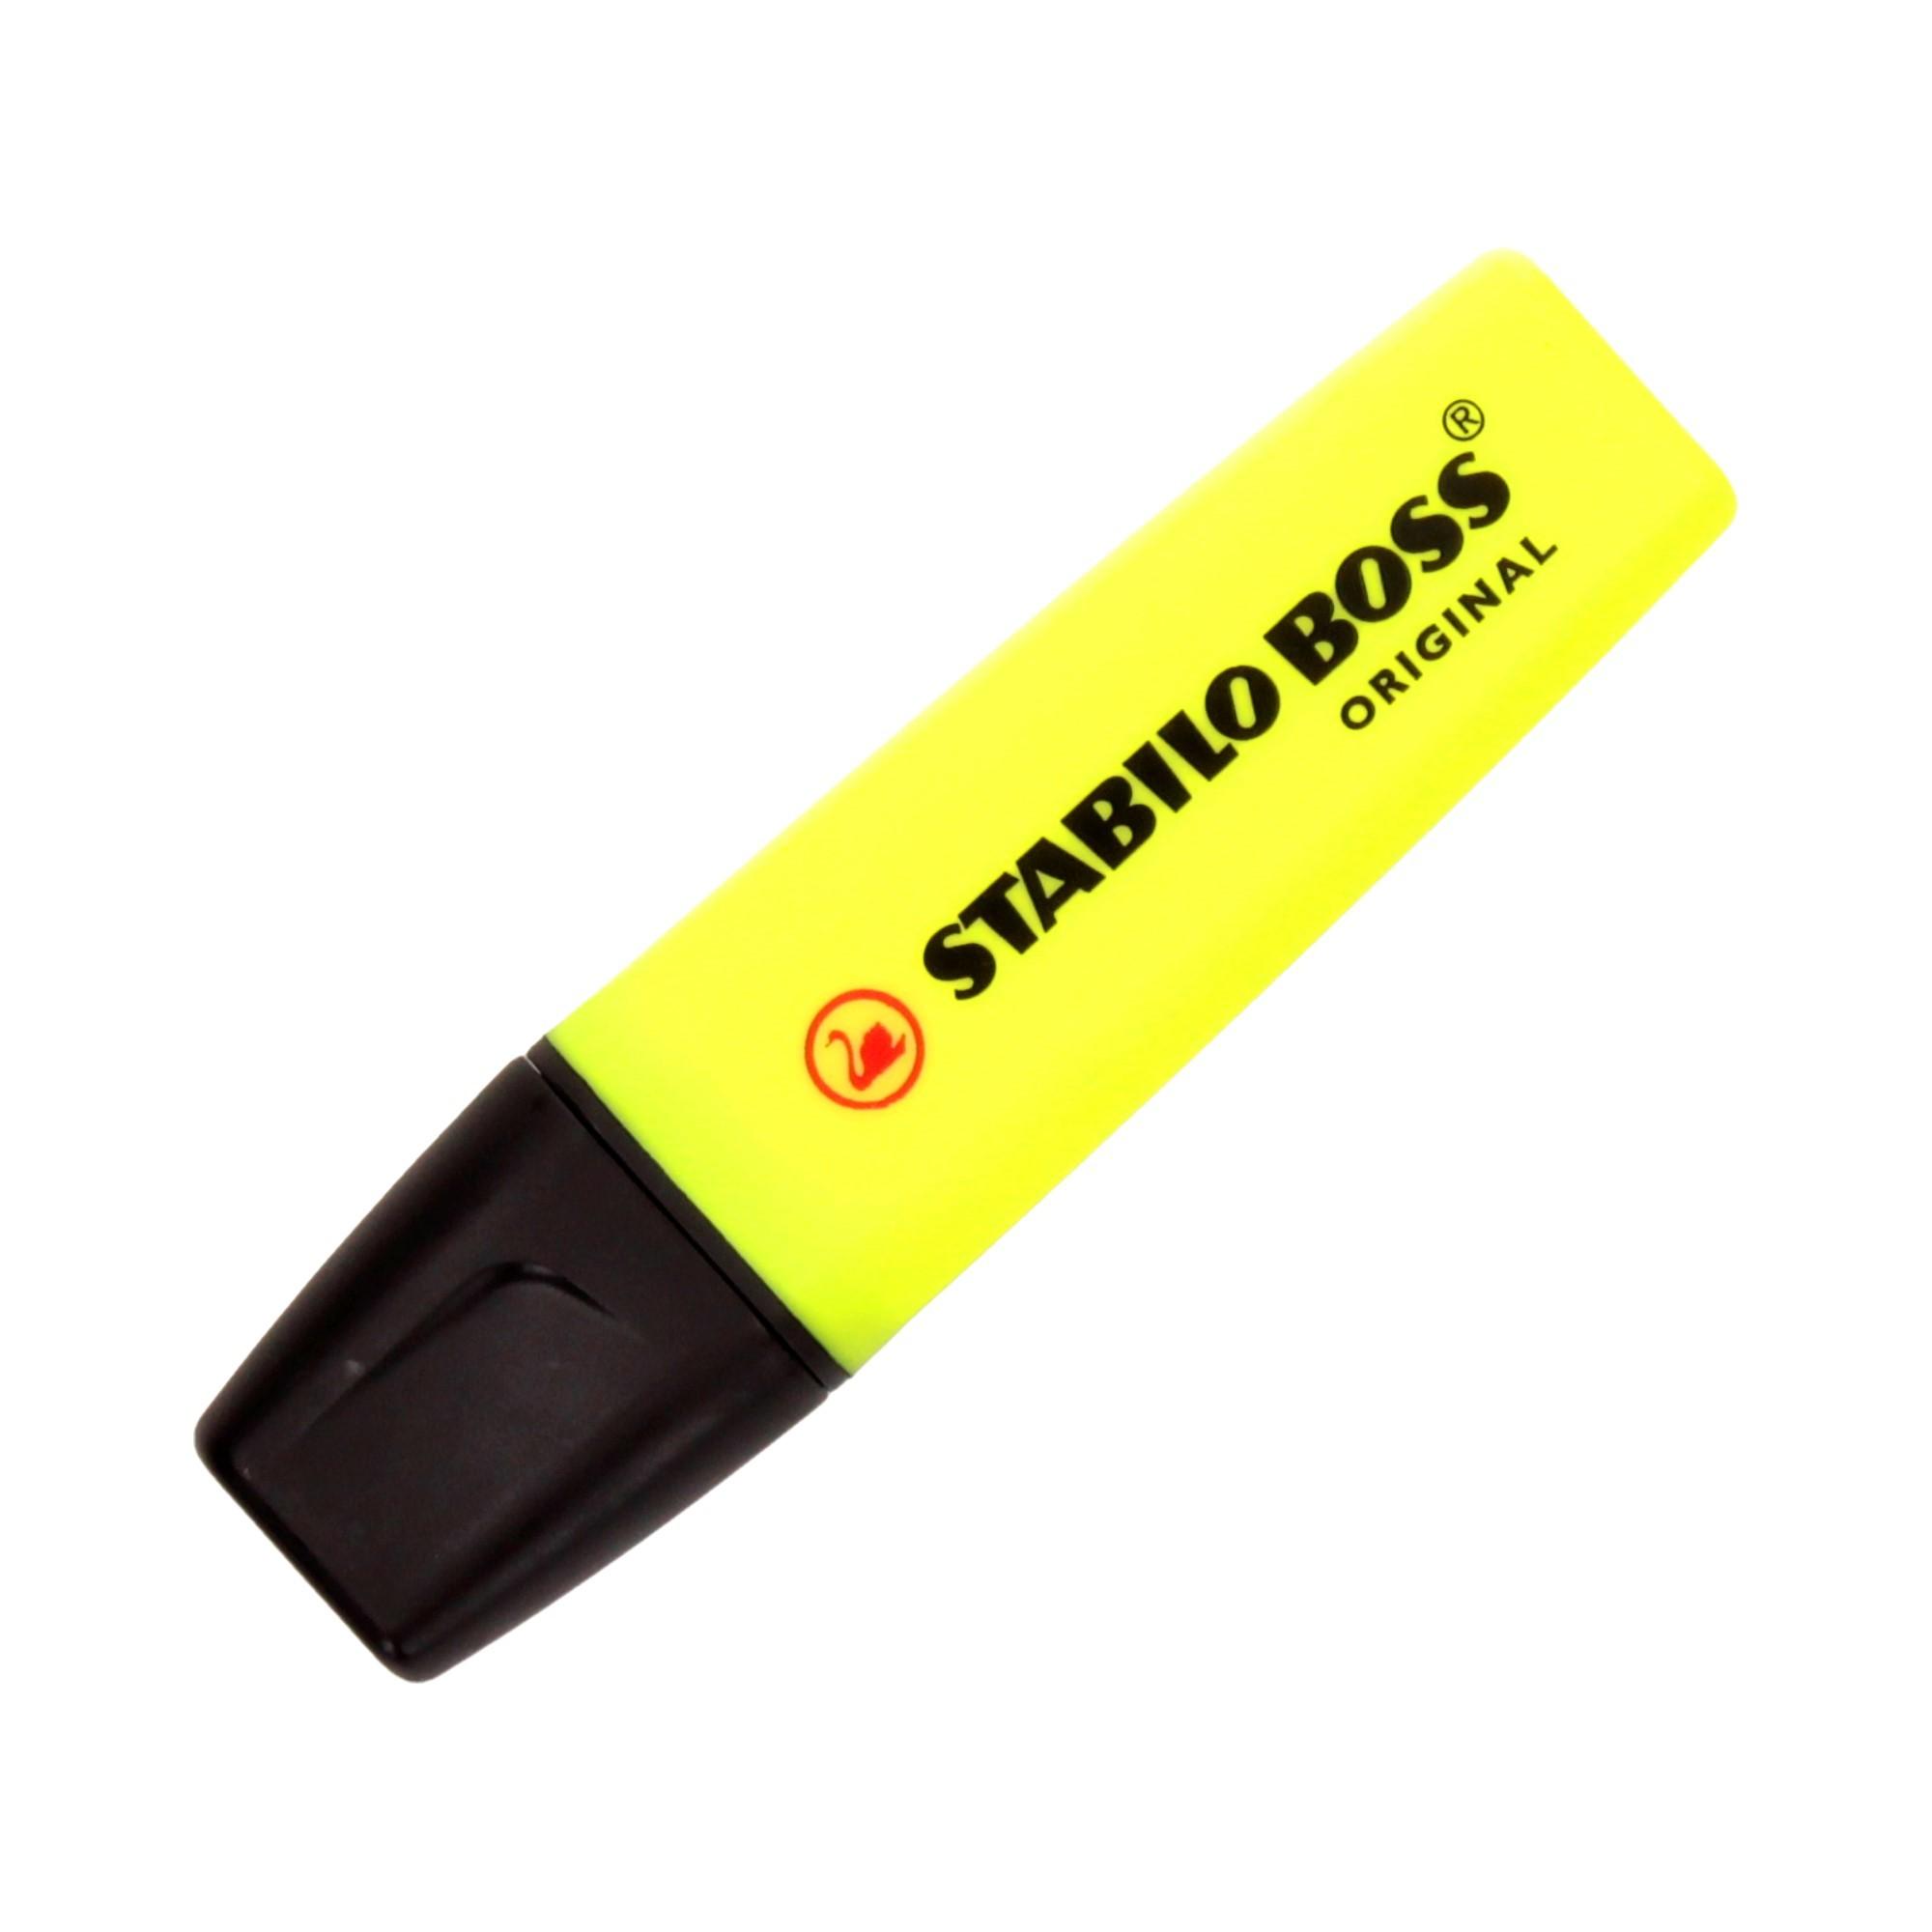 Zakreślacz żółty Boss Stabilo 70/24